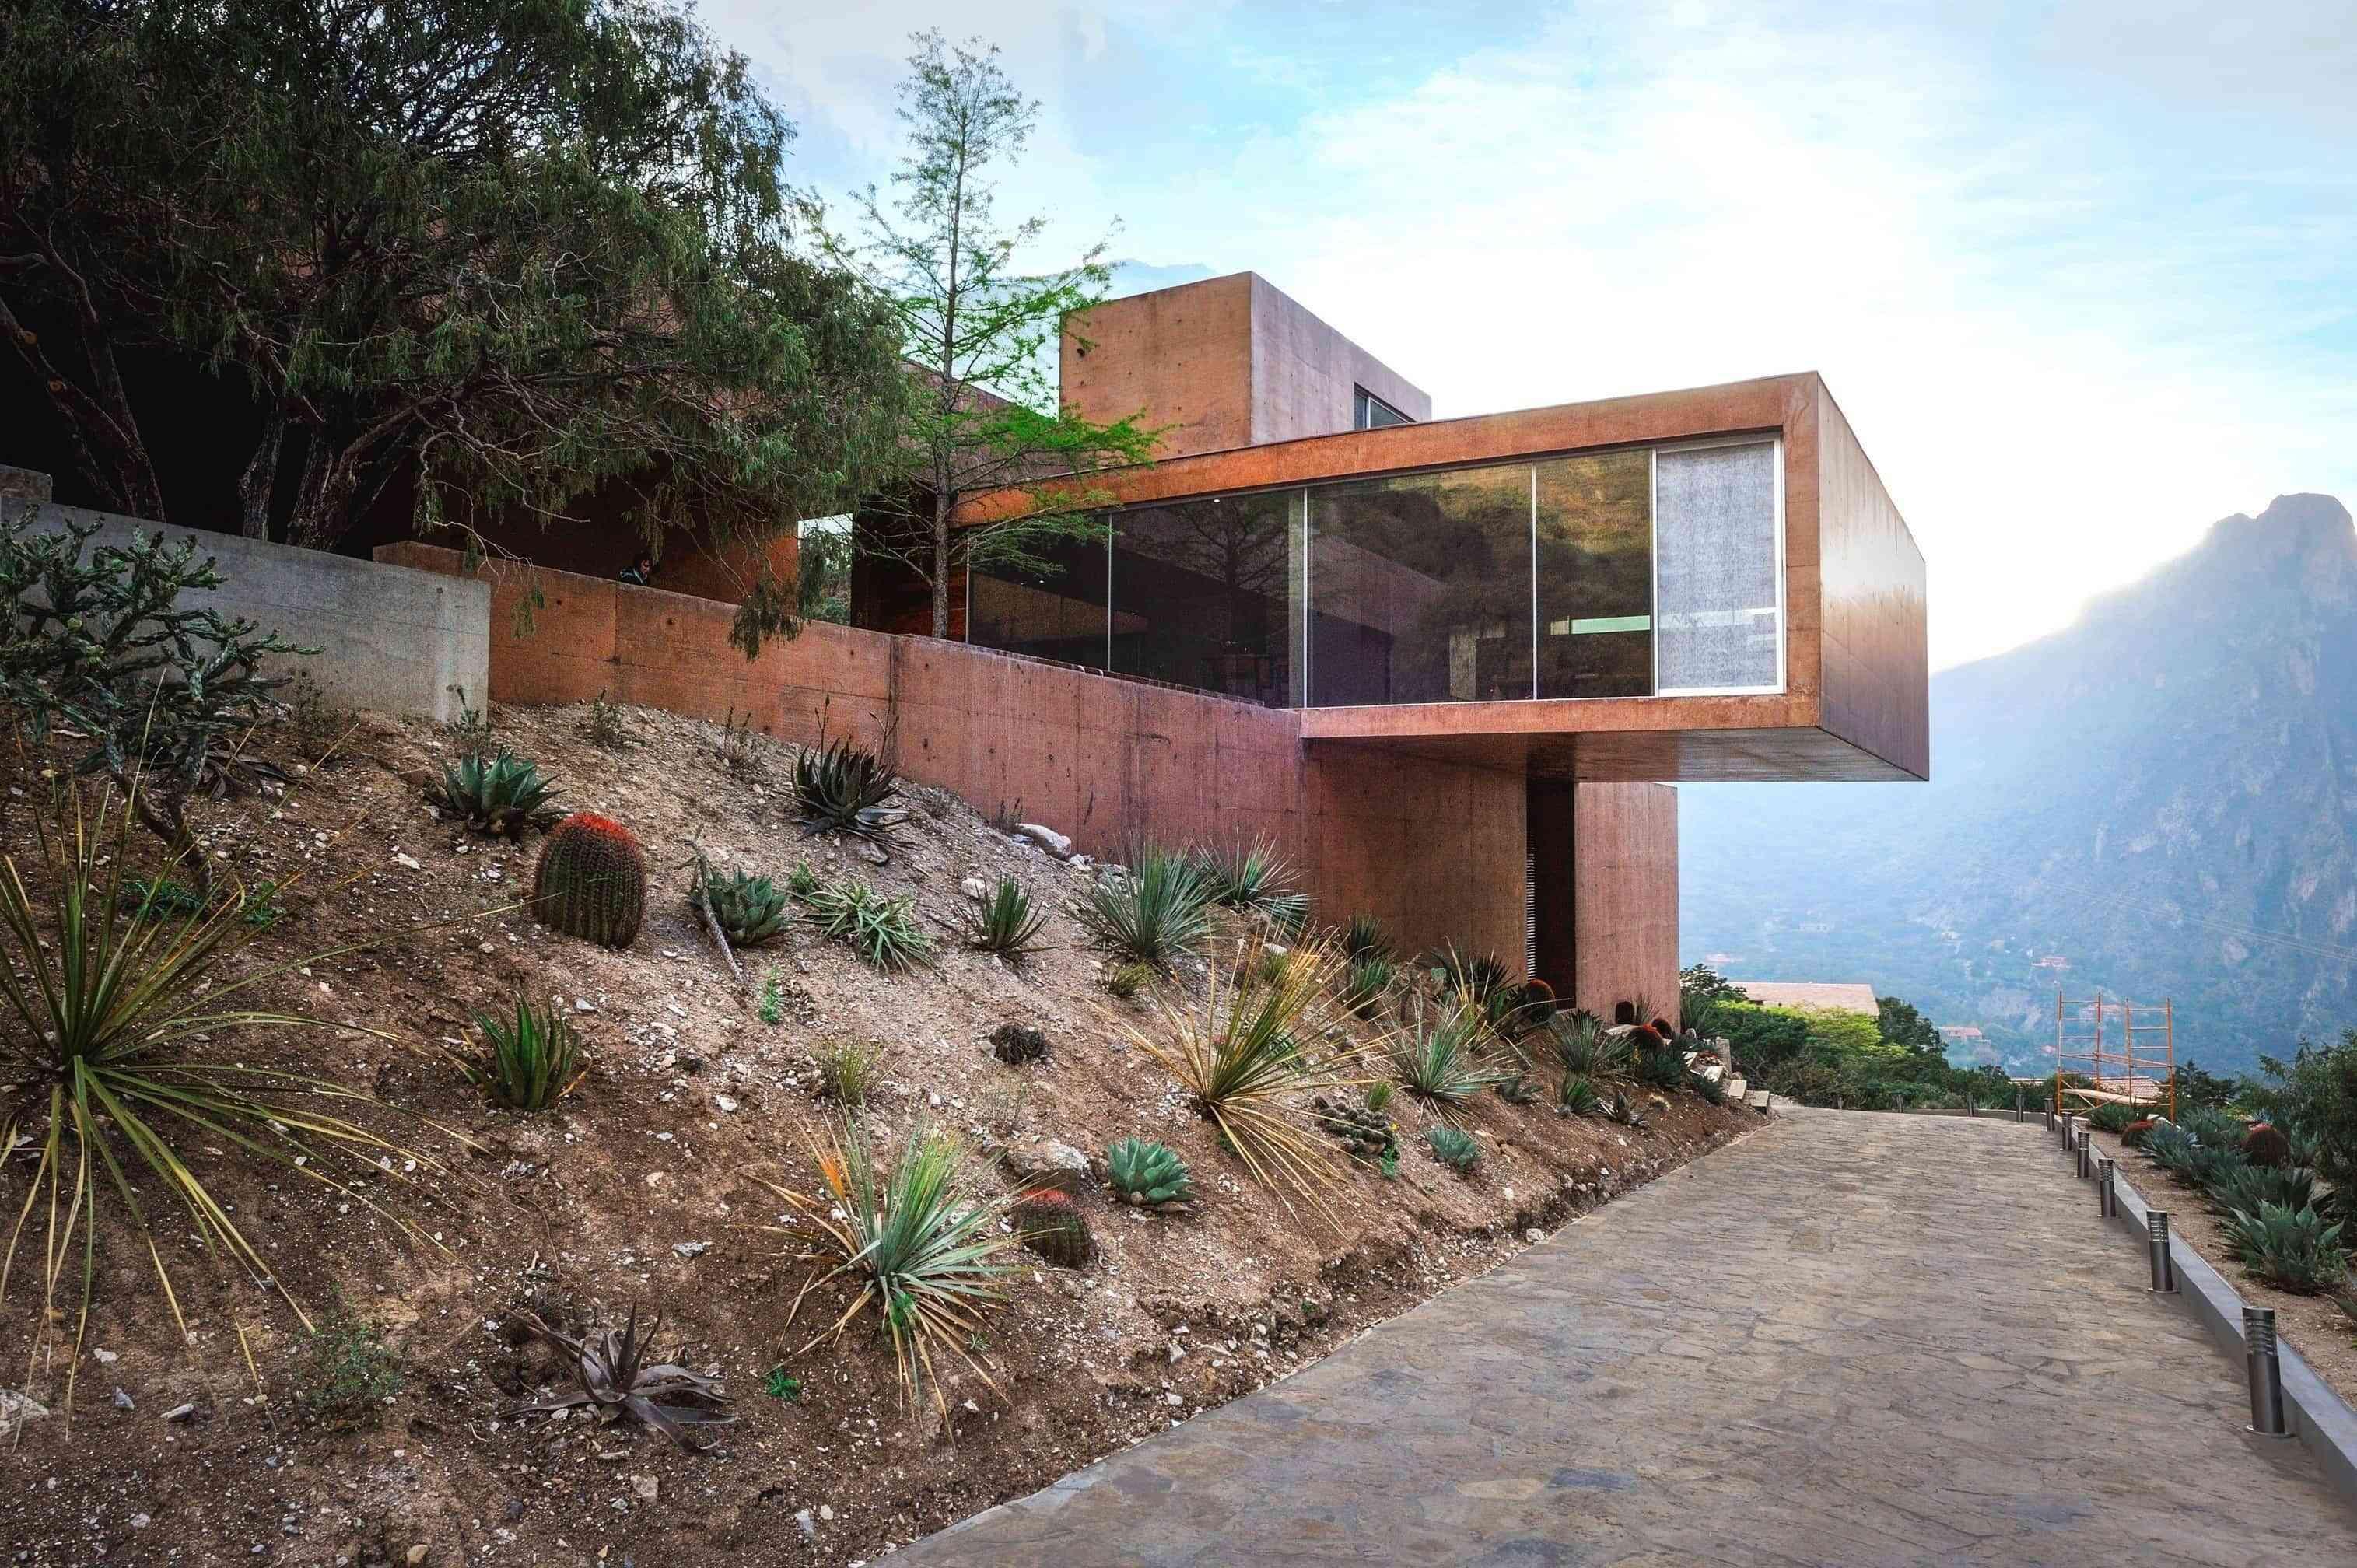 casas-modernas-en-montanas-vi